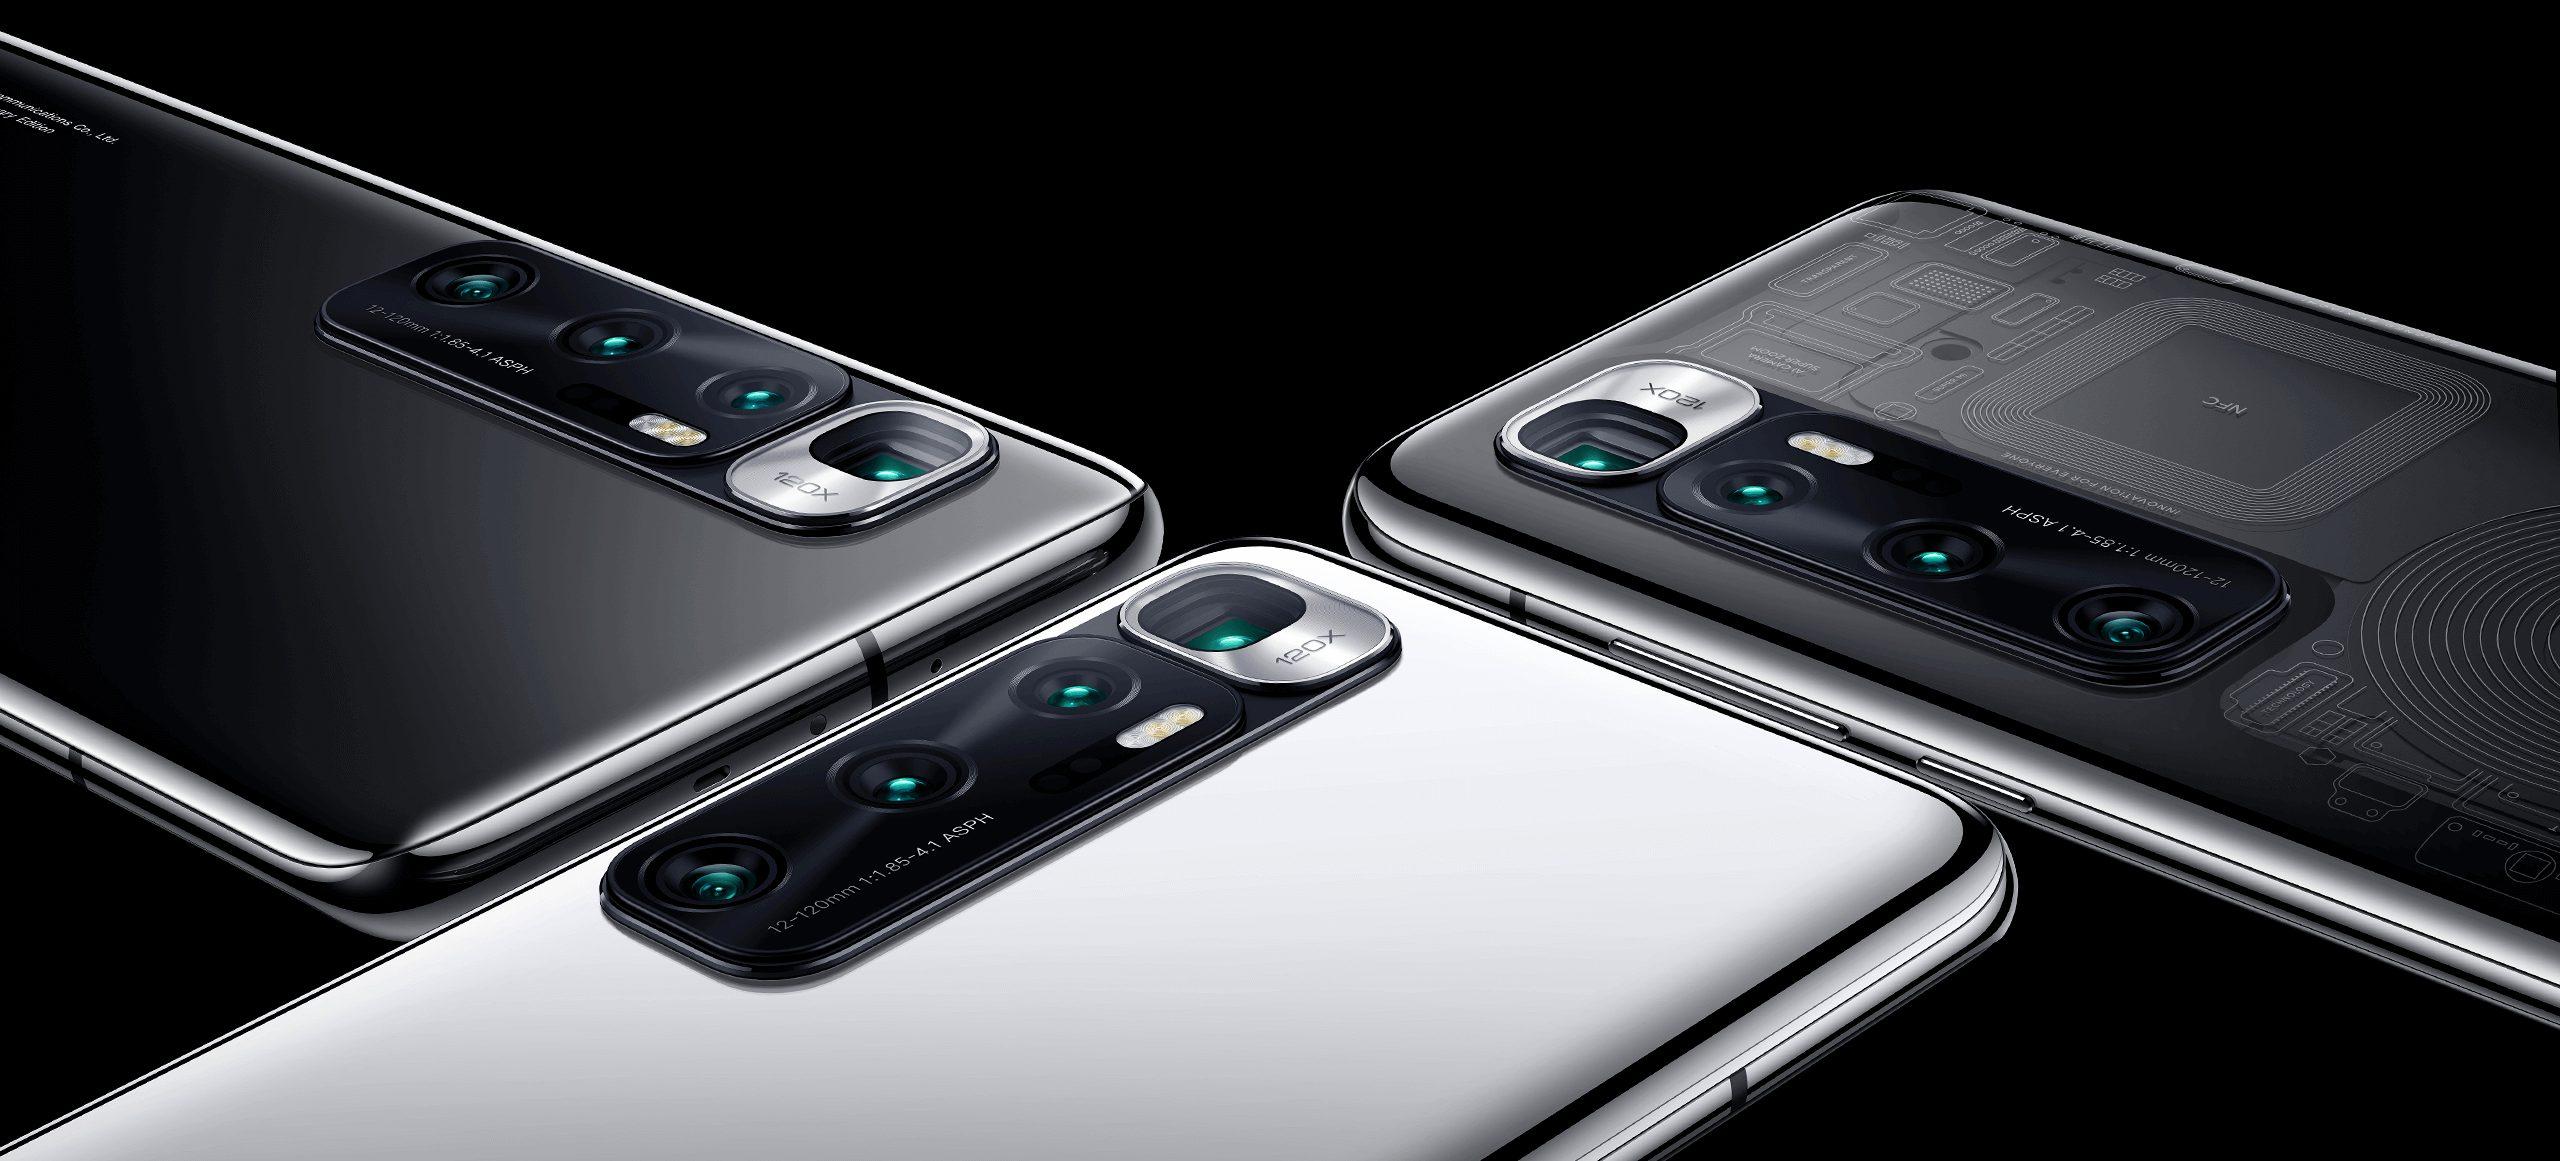 Xiaomi Mi 10 Ultra сильно упал в цене – Snapdragon 865, уникальная камера, NFC, 120-Гц дисплей OLED и 120-Вт зарядка со скидкой 150 долларов